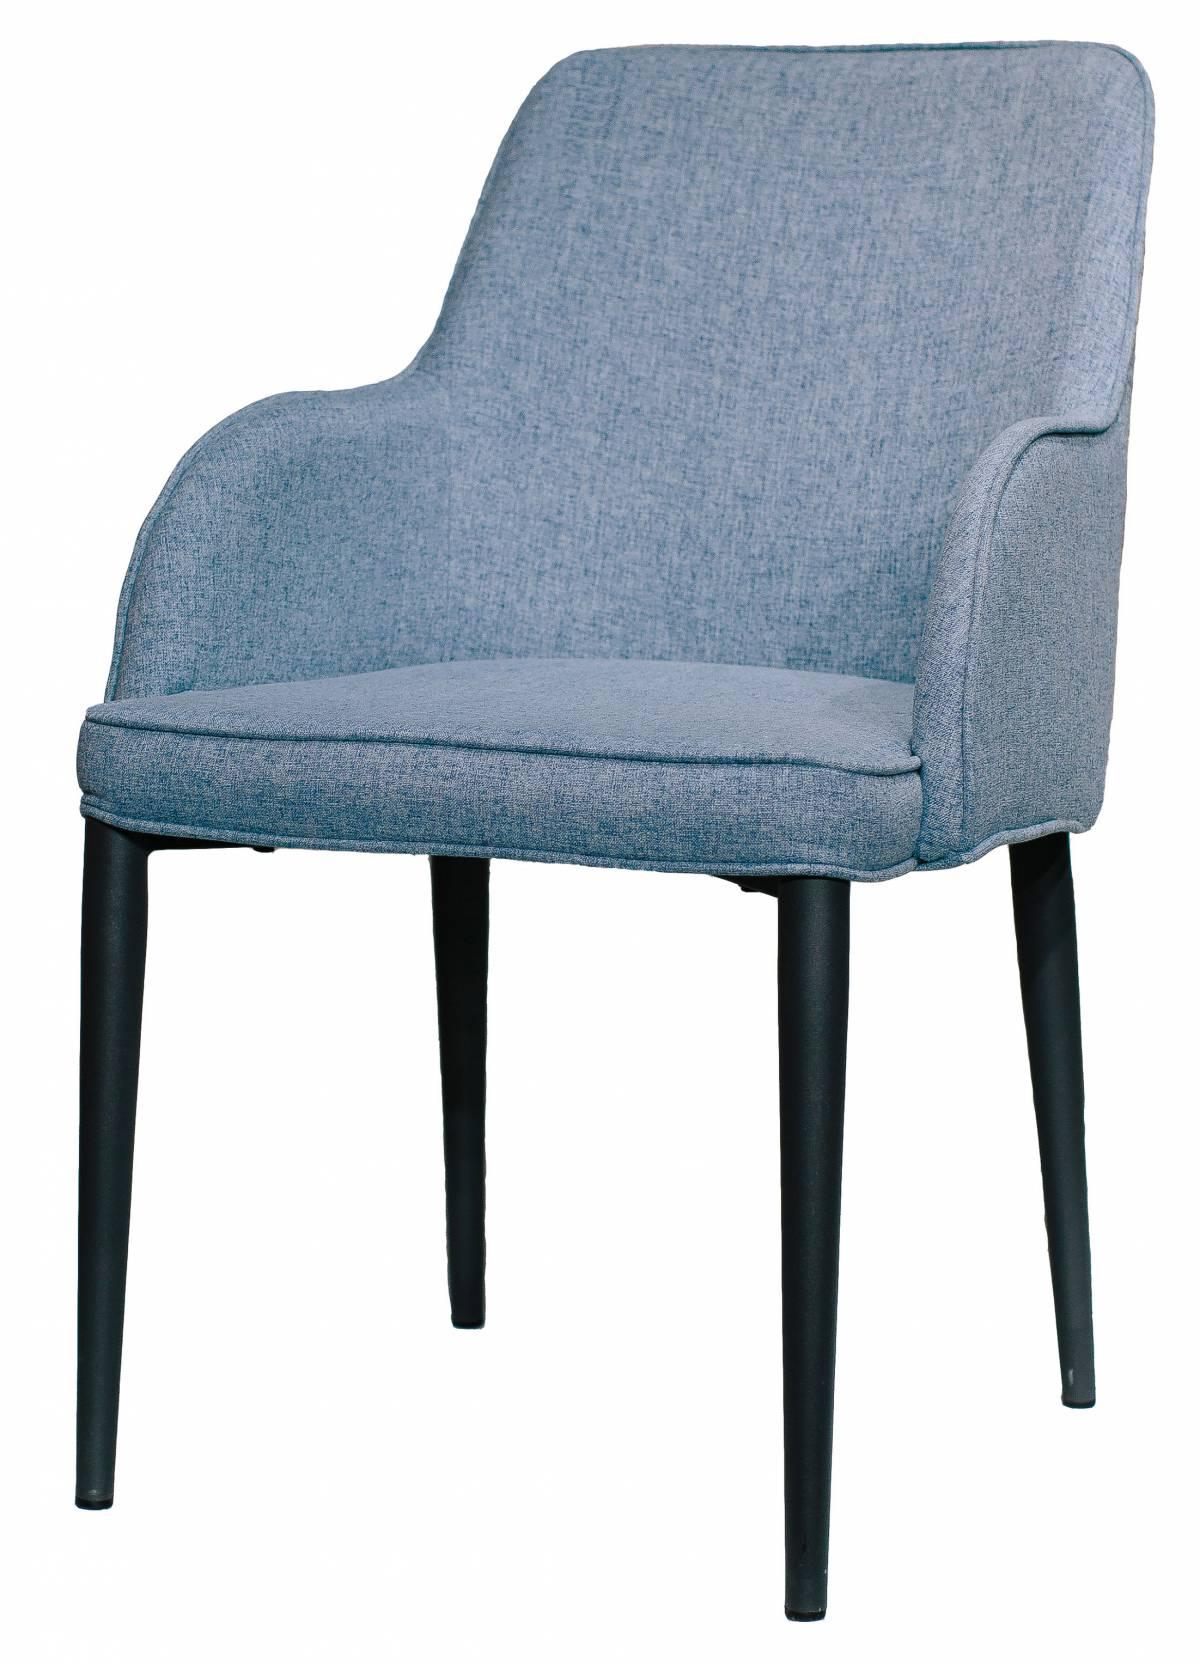 Купить стул с подлокотниками Clara в Raroom